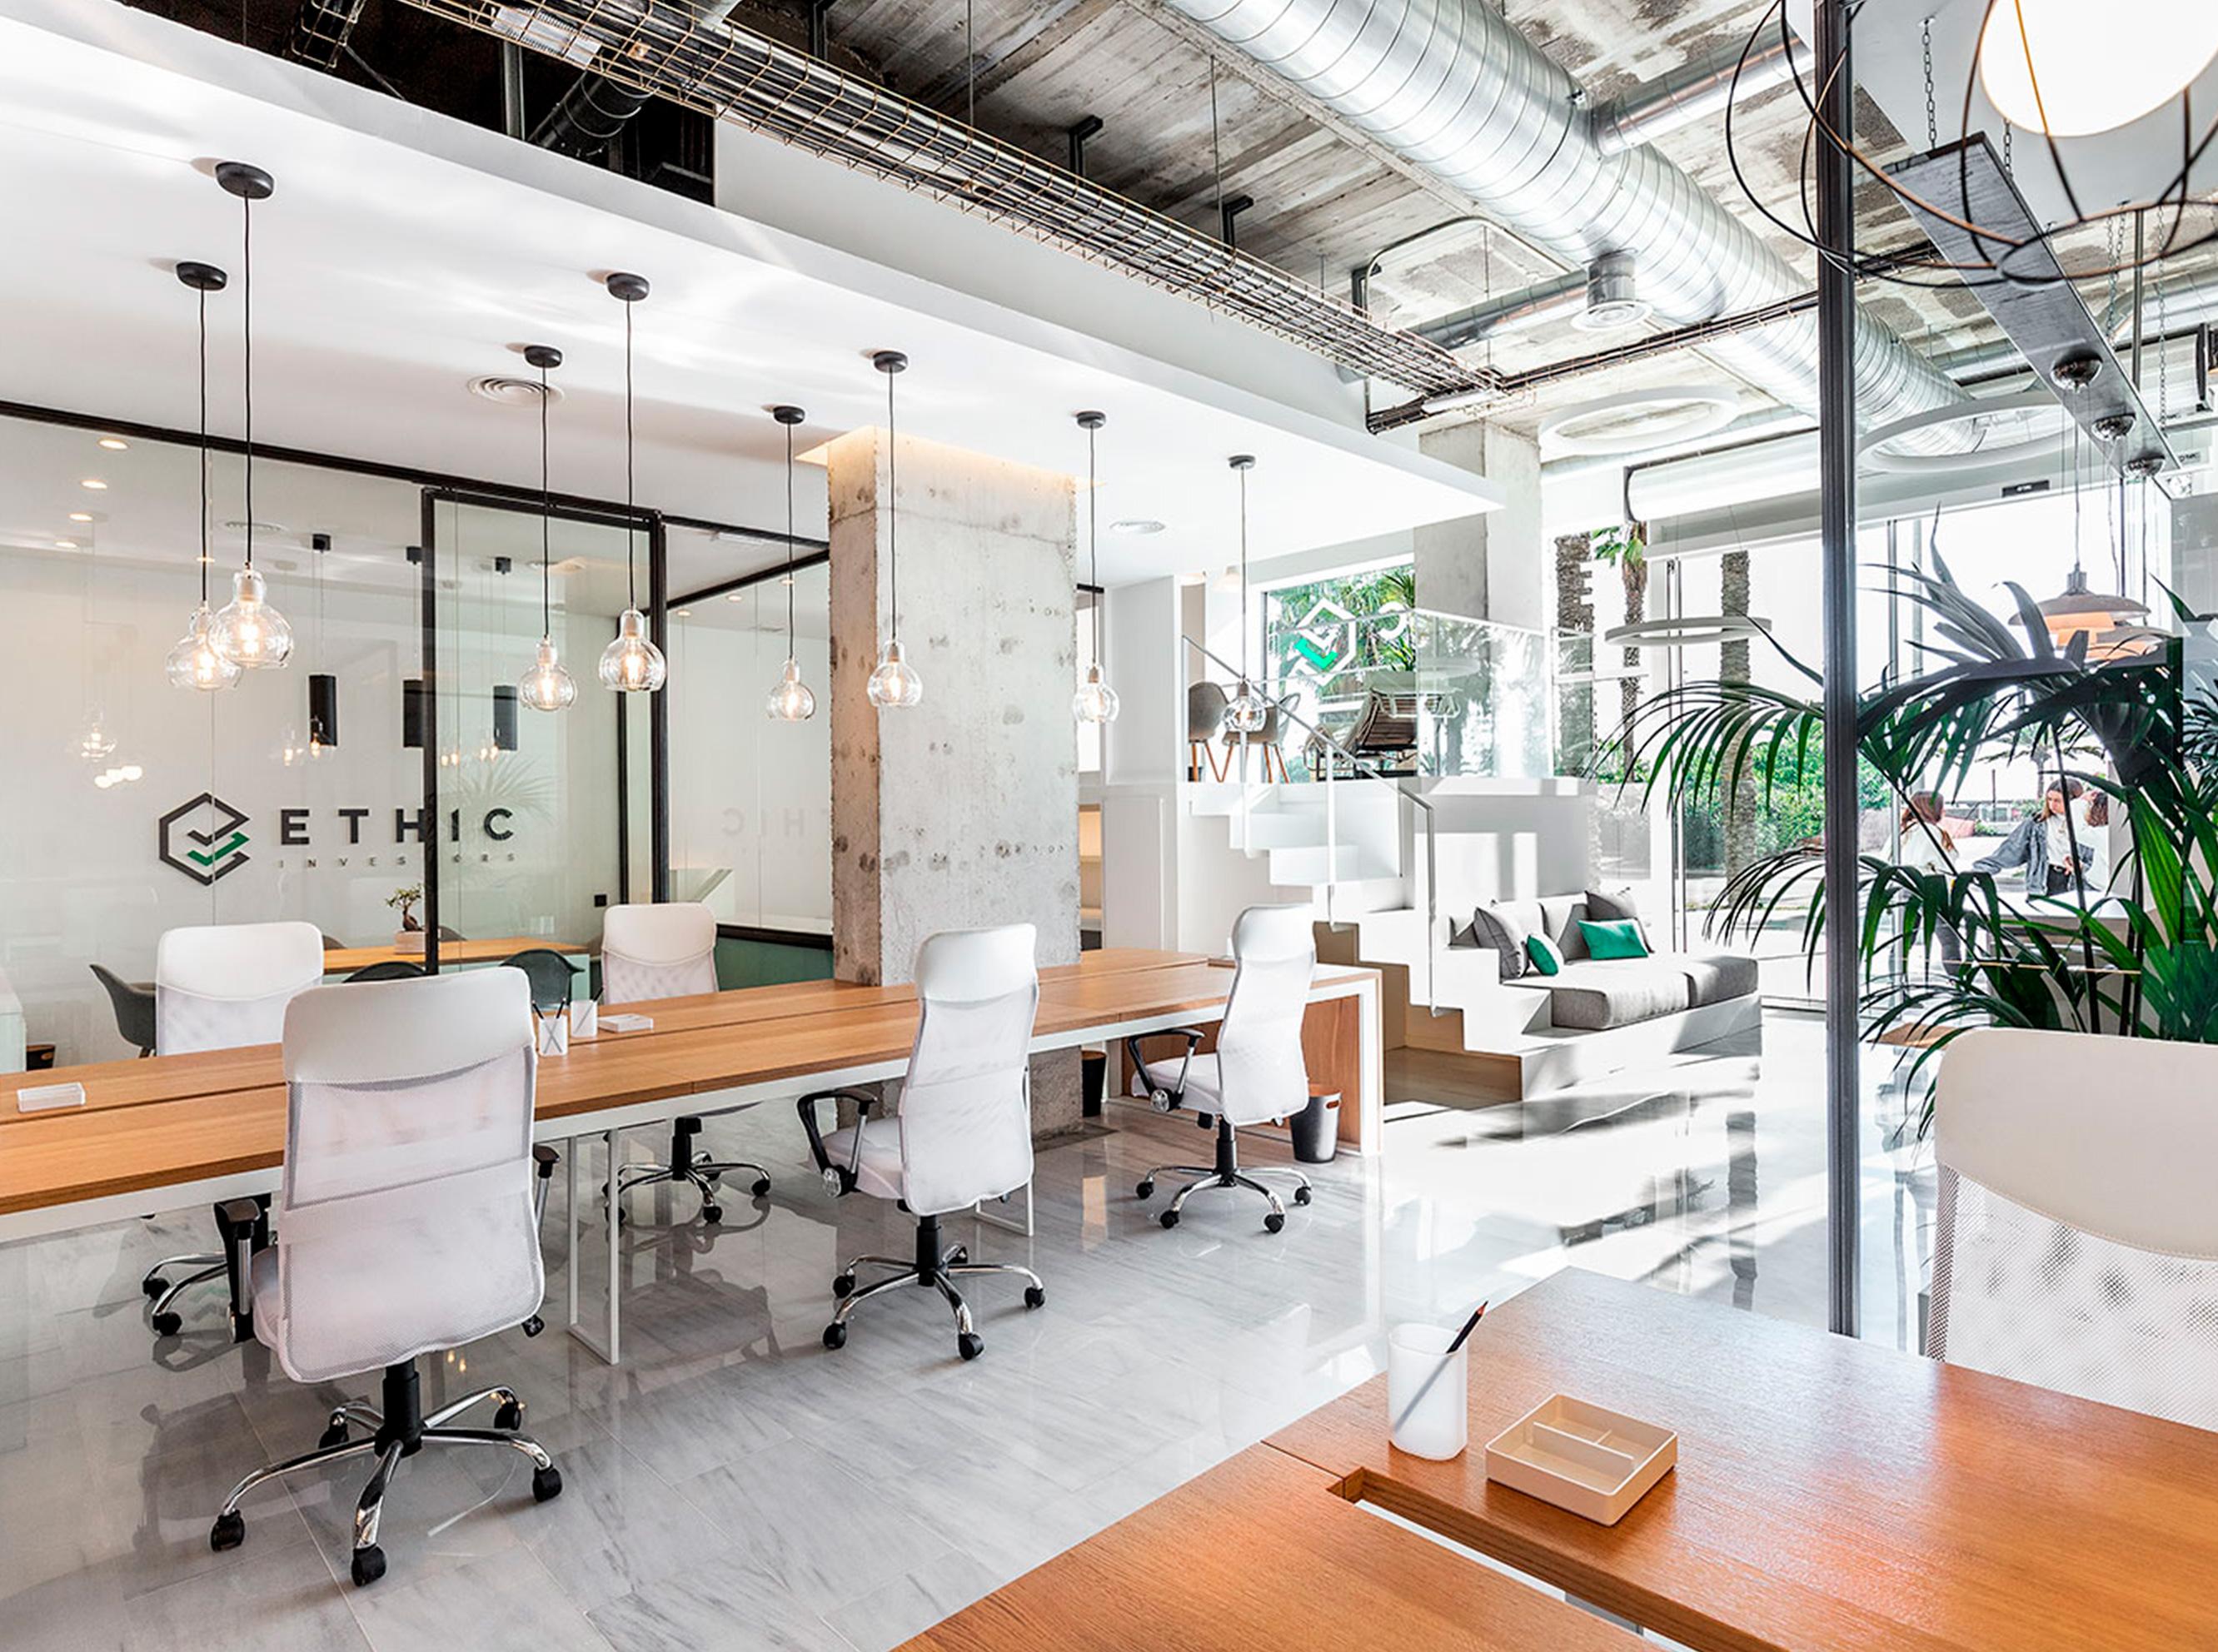 Oficinas-Ethic-Investors-8